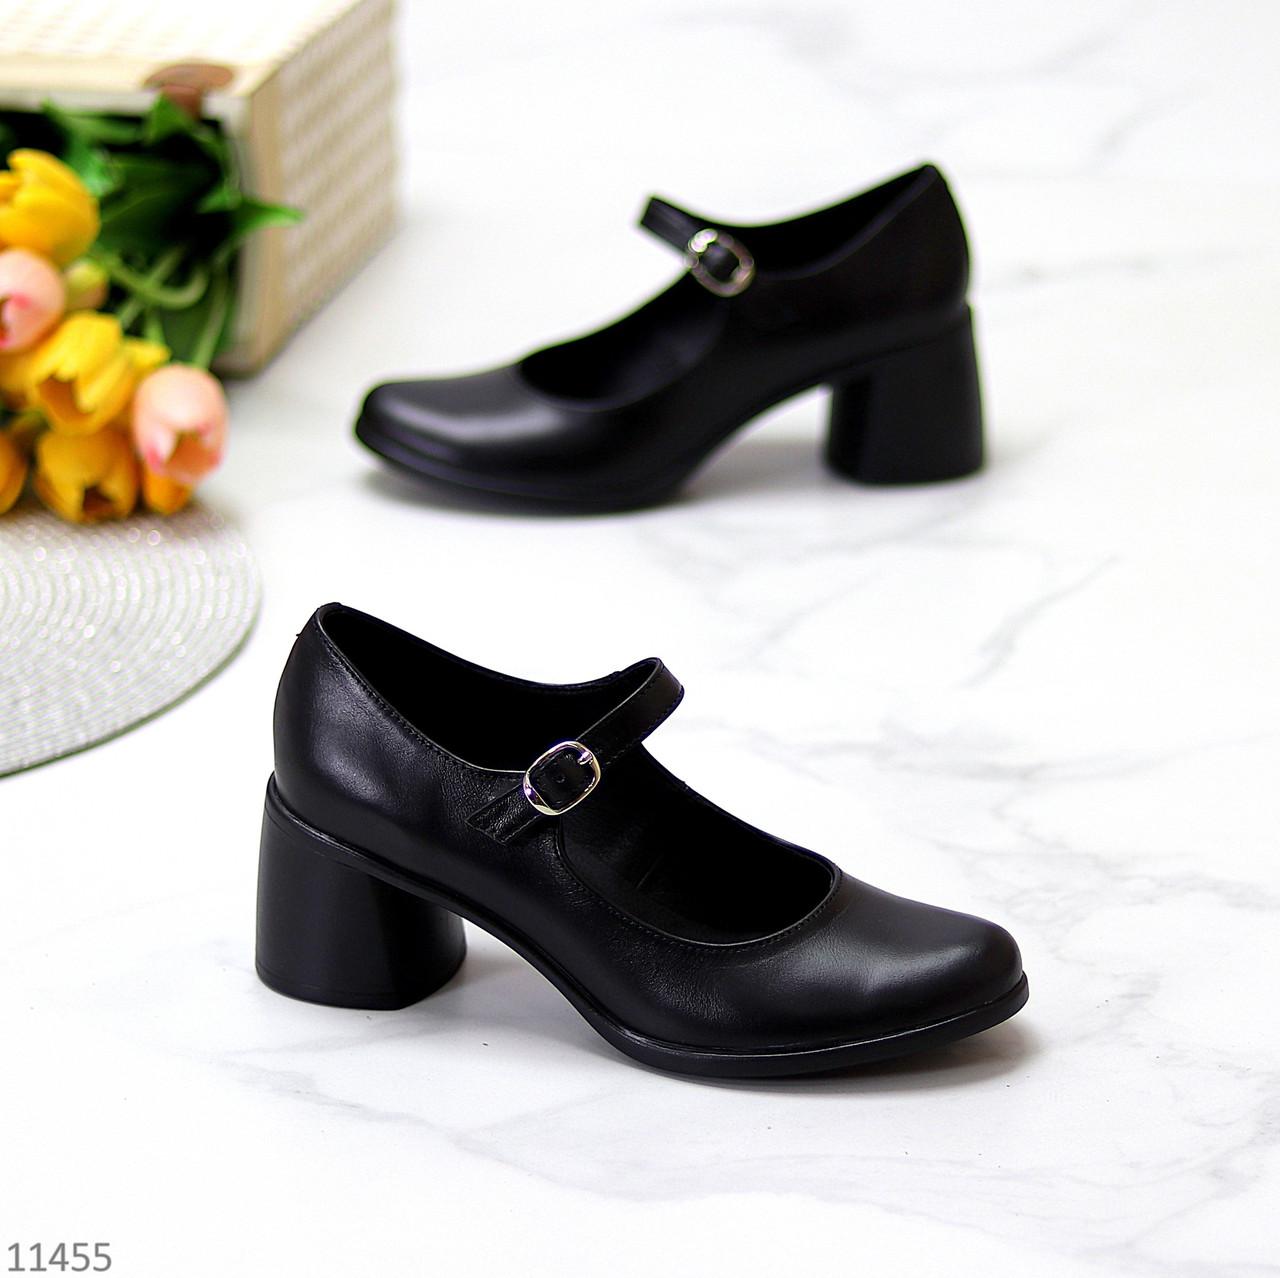 Чорні шкіряні жіночі туфлі натуральна шкіра на зручному каблуці класика